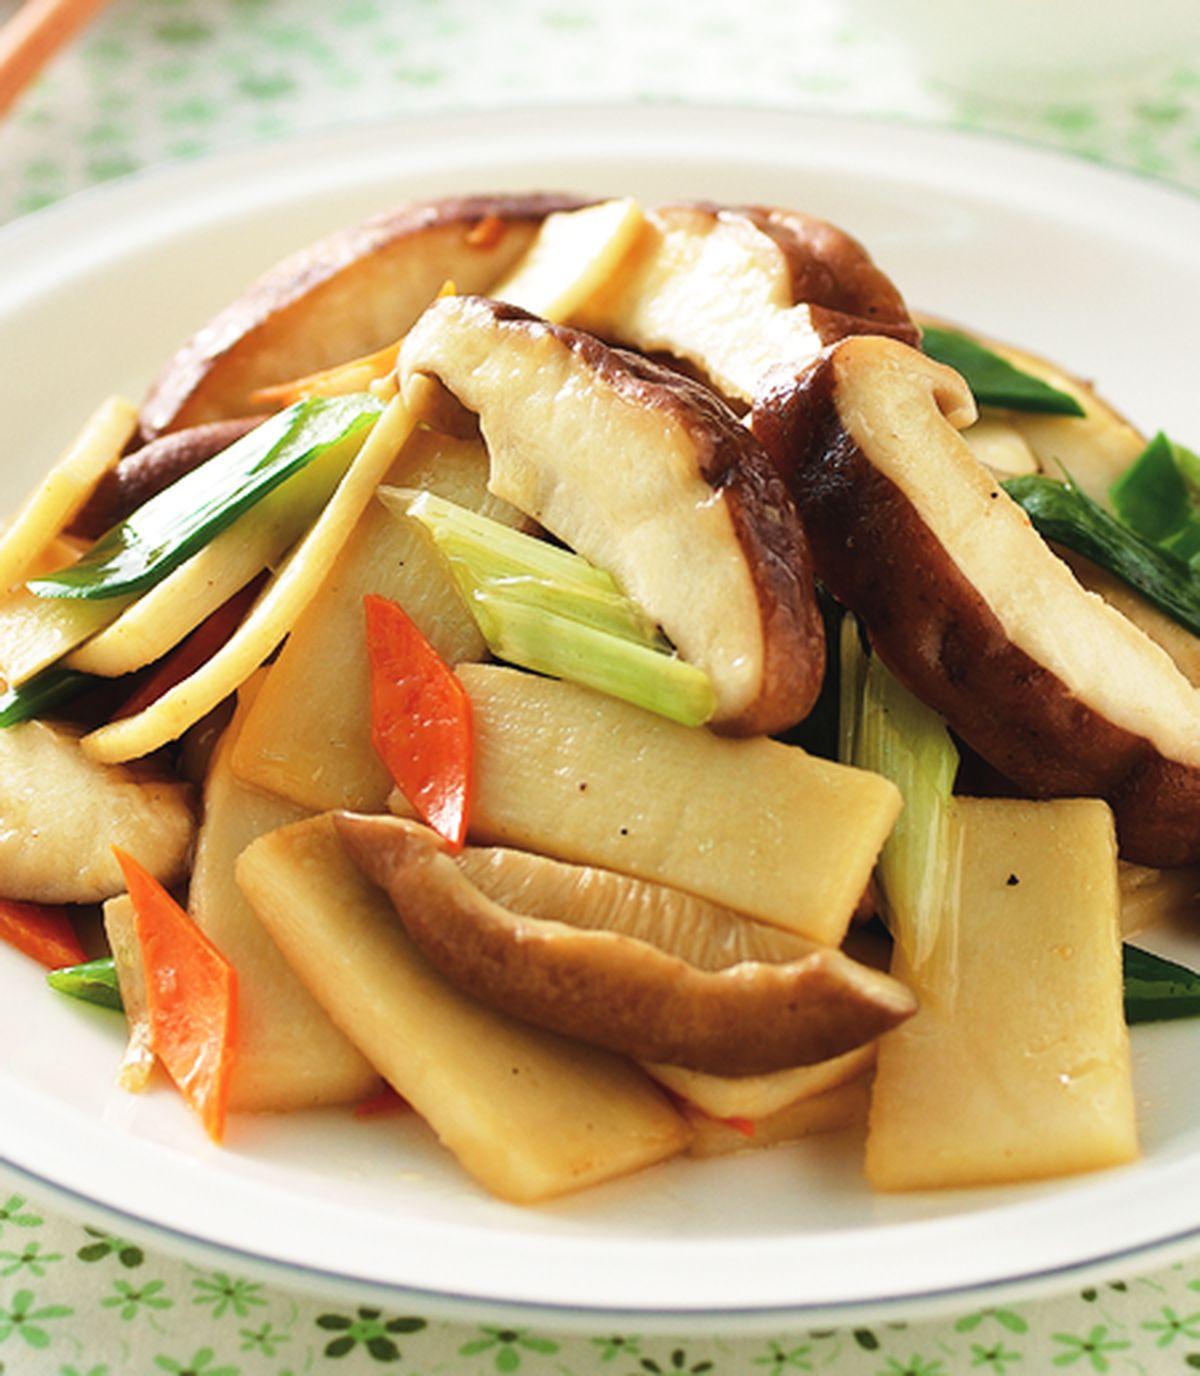 食譜:筍片炒鮮香菇(1)